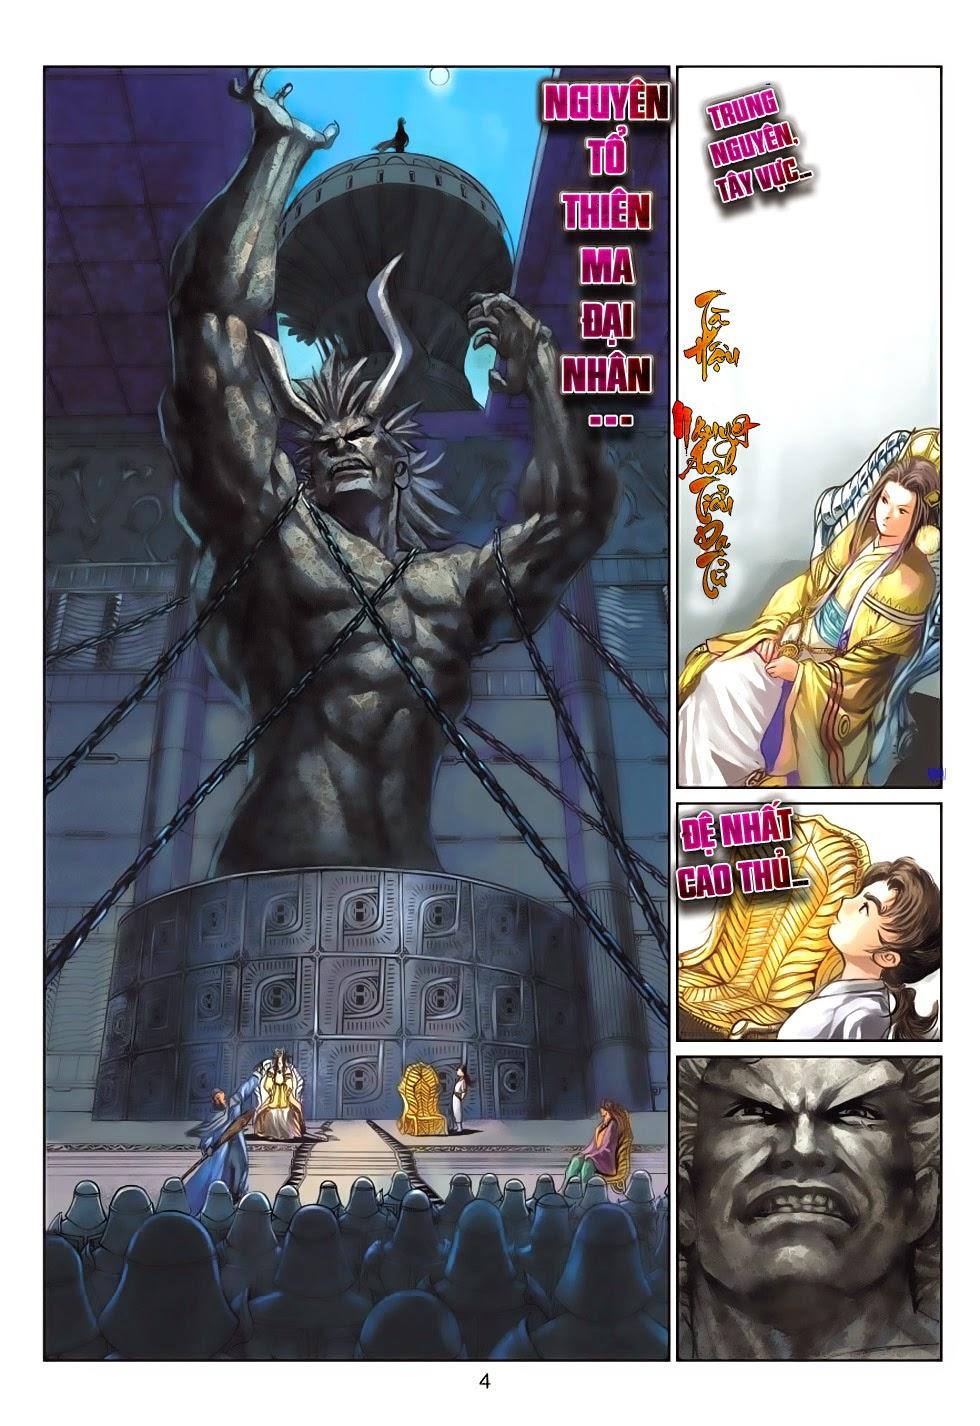 Thần Binh Tiền Truyện 4 - Huyền Thiên Tà Đế chap 13 - Trang 4